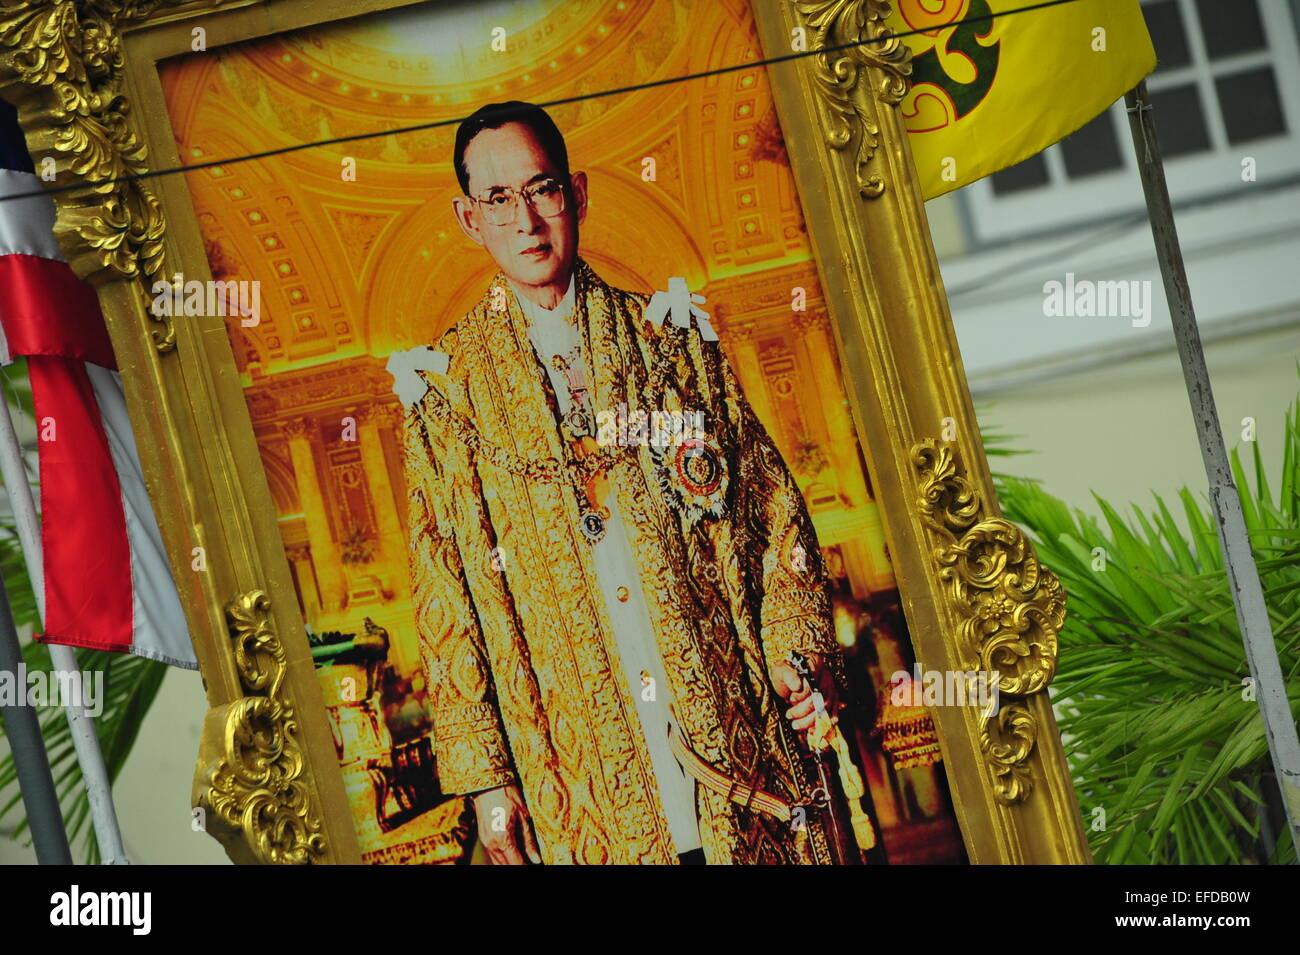 König von Thailand, Bangkok, Thailand. Nur zur redaktionellen Verwendung. Stockbild